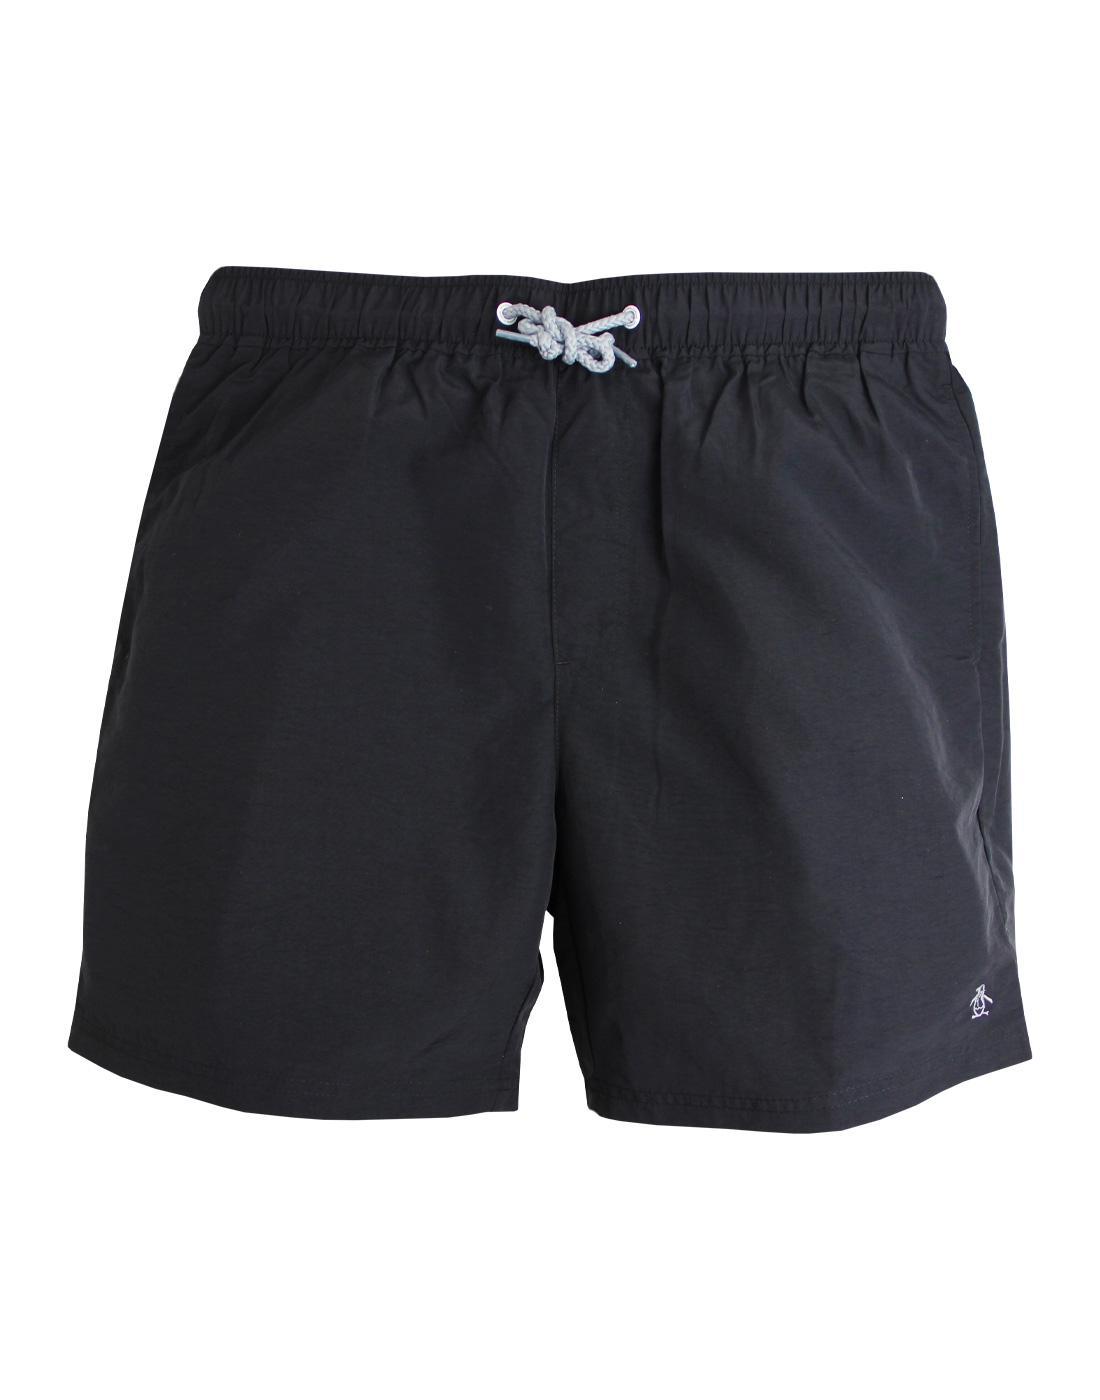 ORIGINAL PENGUIN Quick Dry Daddy Swim Shorts (TB)